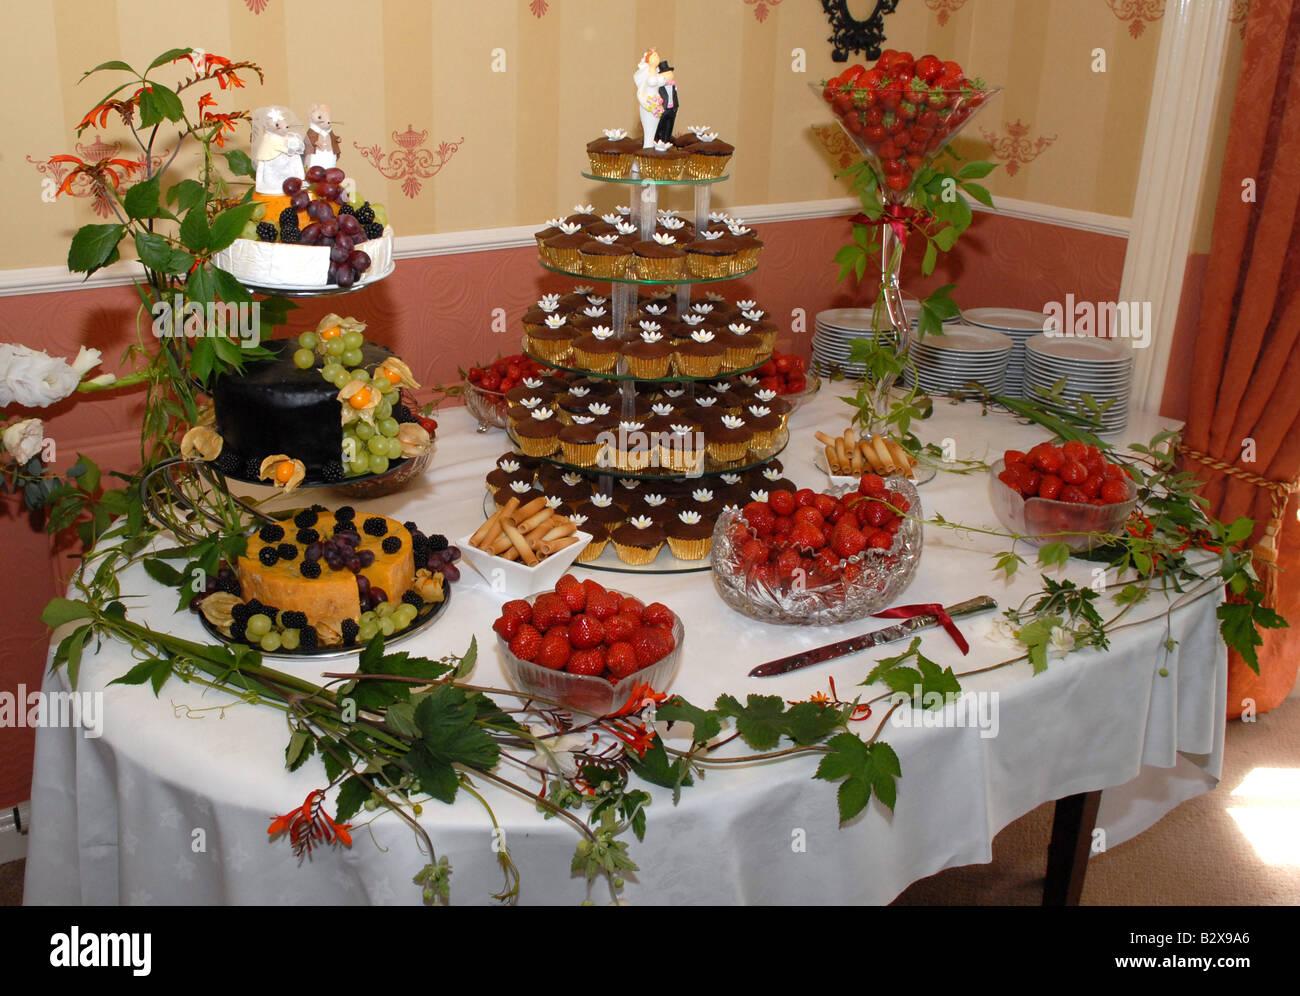 Hochzeitstorten Tasse Mit Erdbeeren Und Ein Kasekuchen Stockfoto